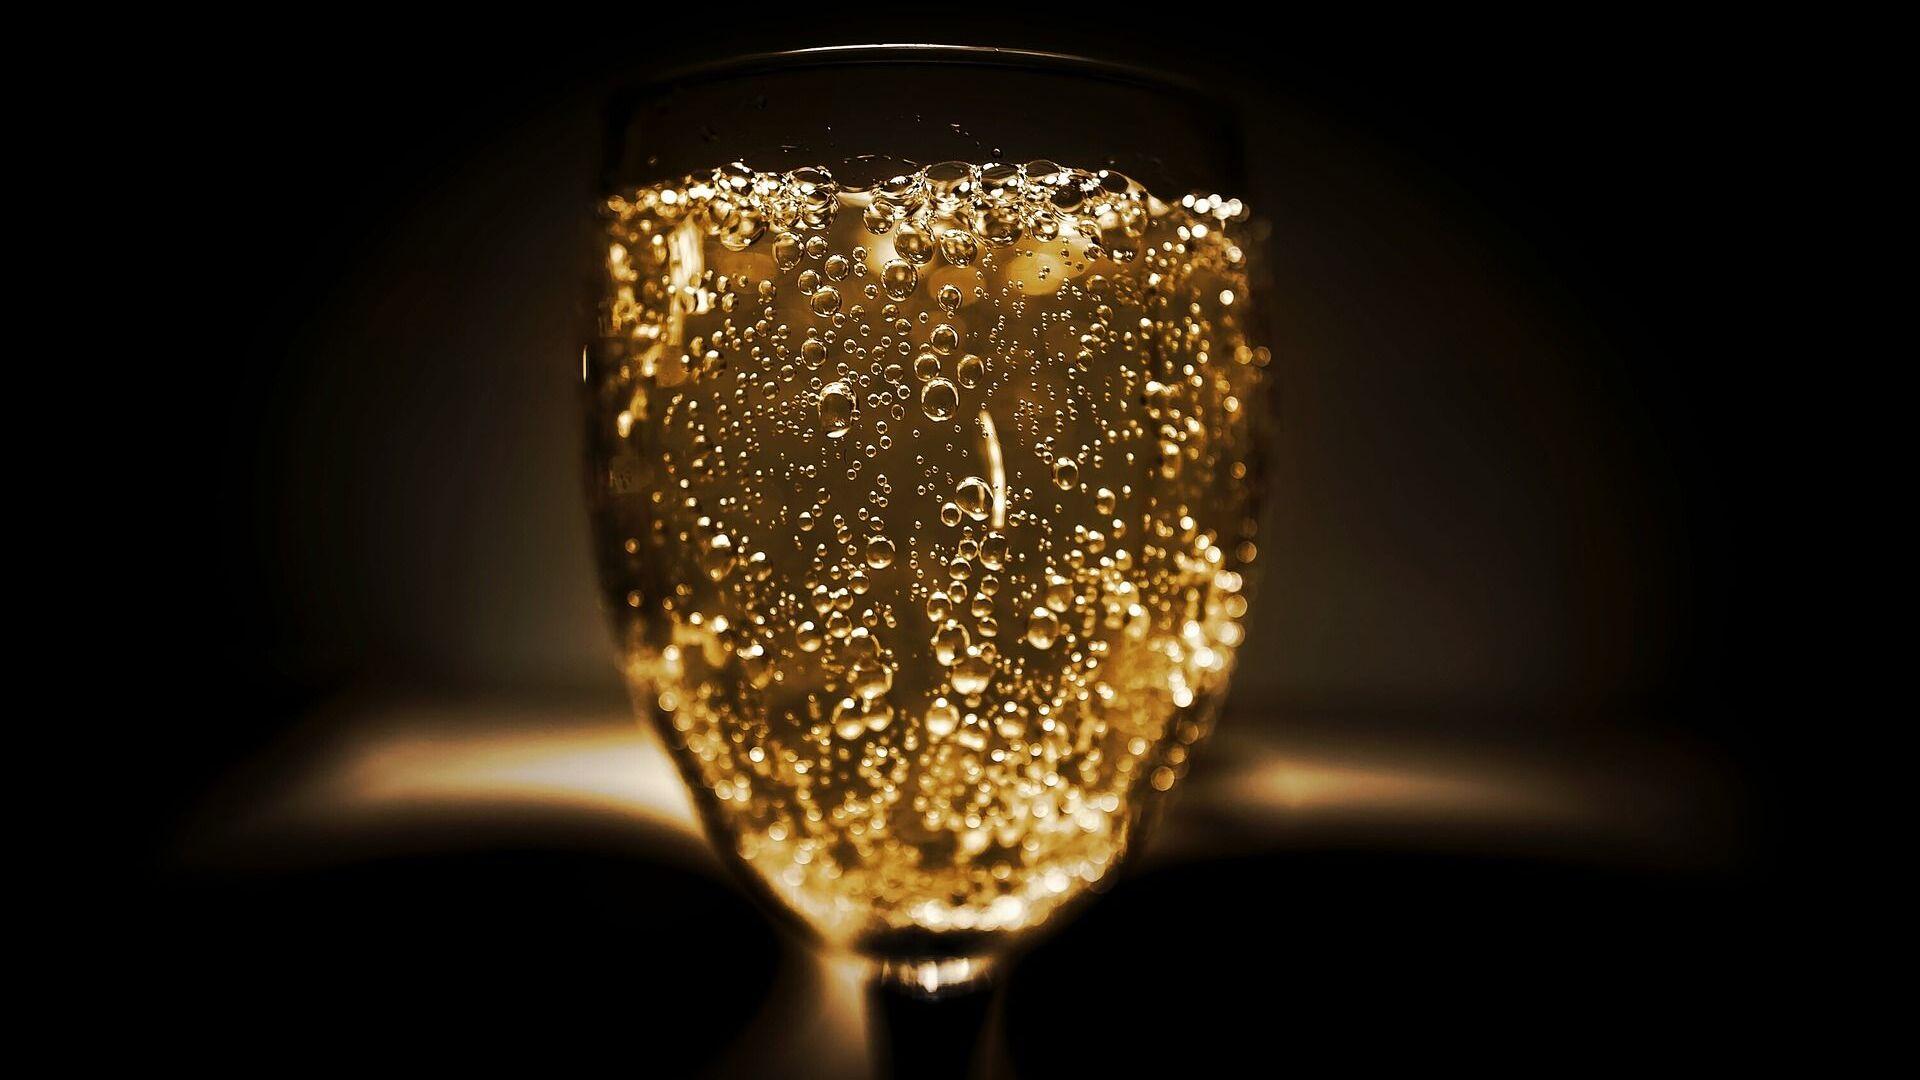 Pohár na šampaňské - Sputnik Česká republika, 1920, 27.07.2021